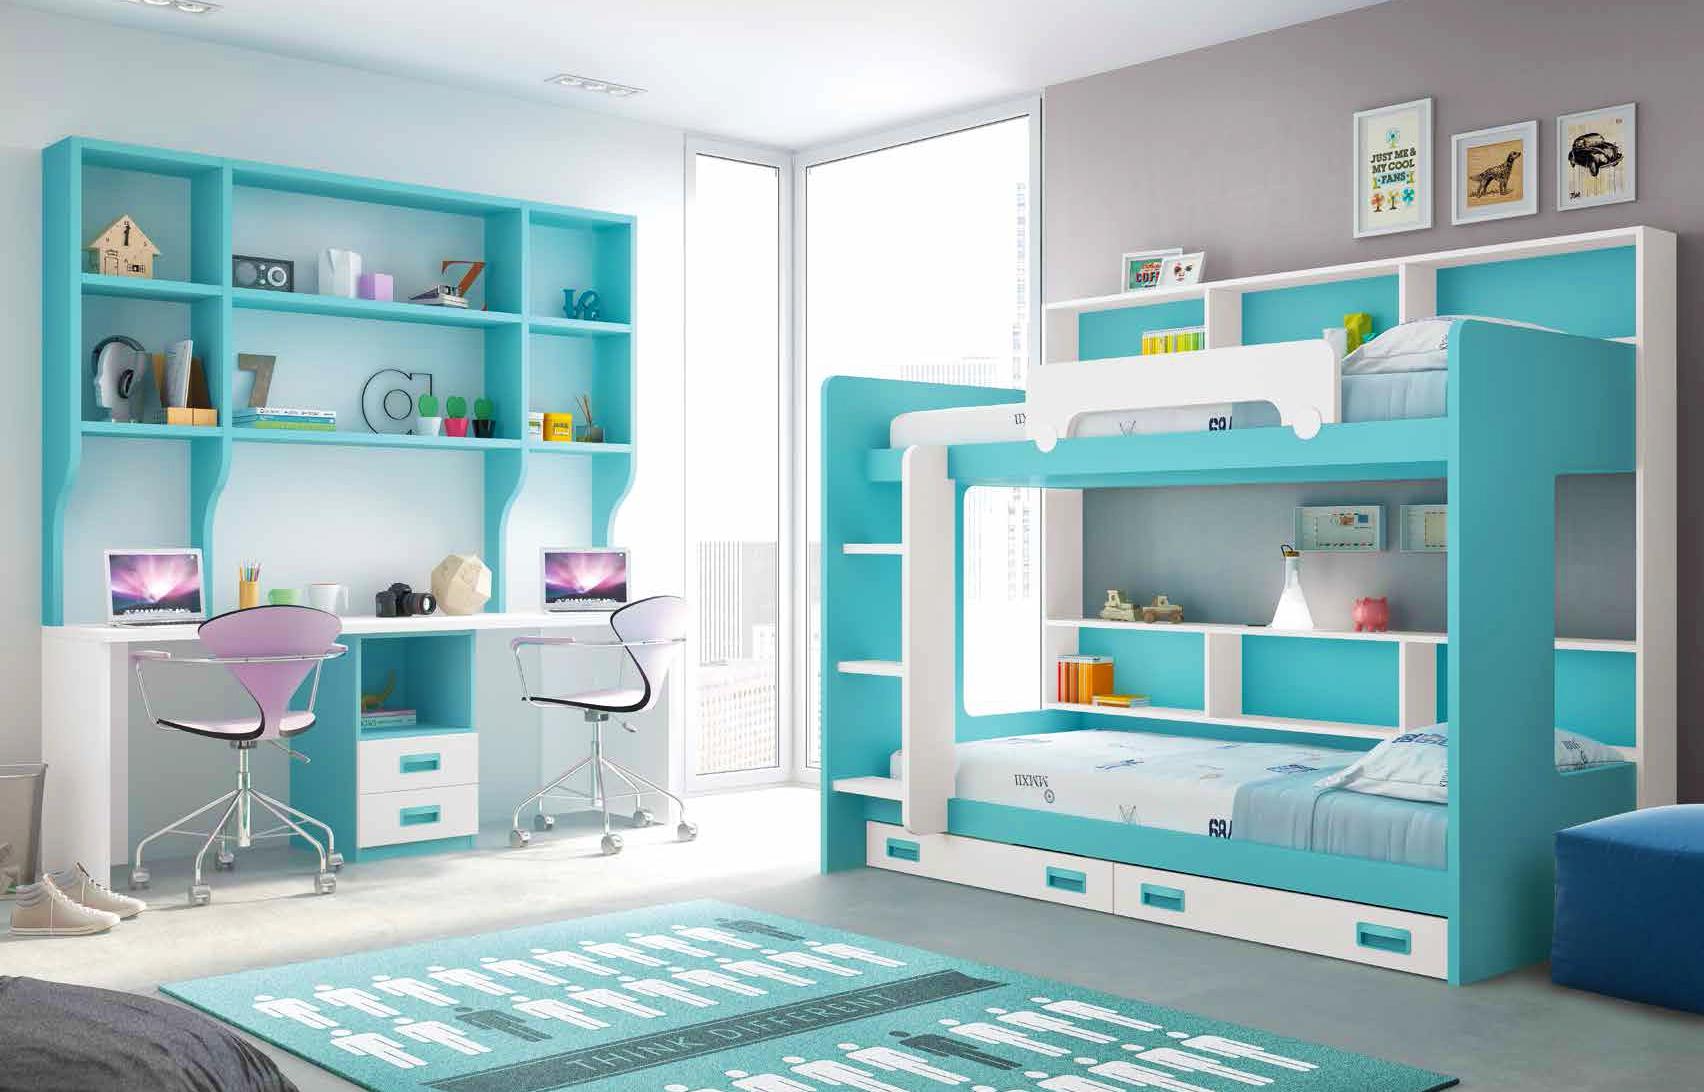 MaisonDéco Ecoconstructionauvergnefr Blog Immobilier Construction - Amenager une chambre d enfant